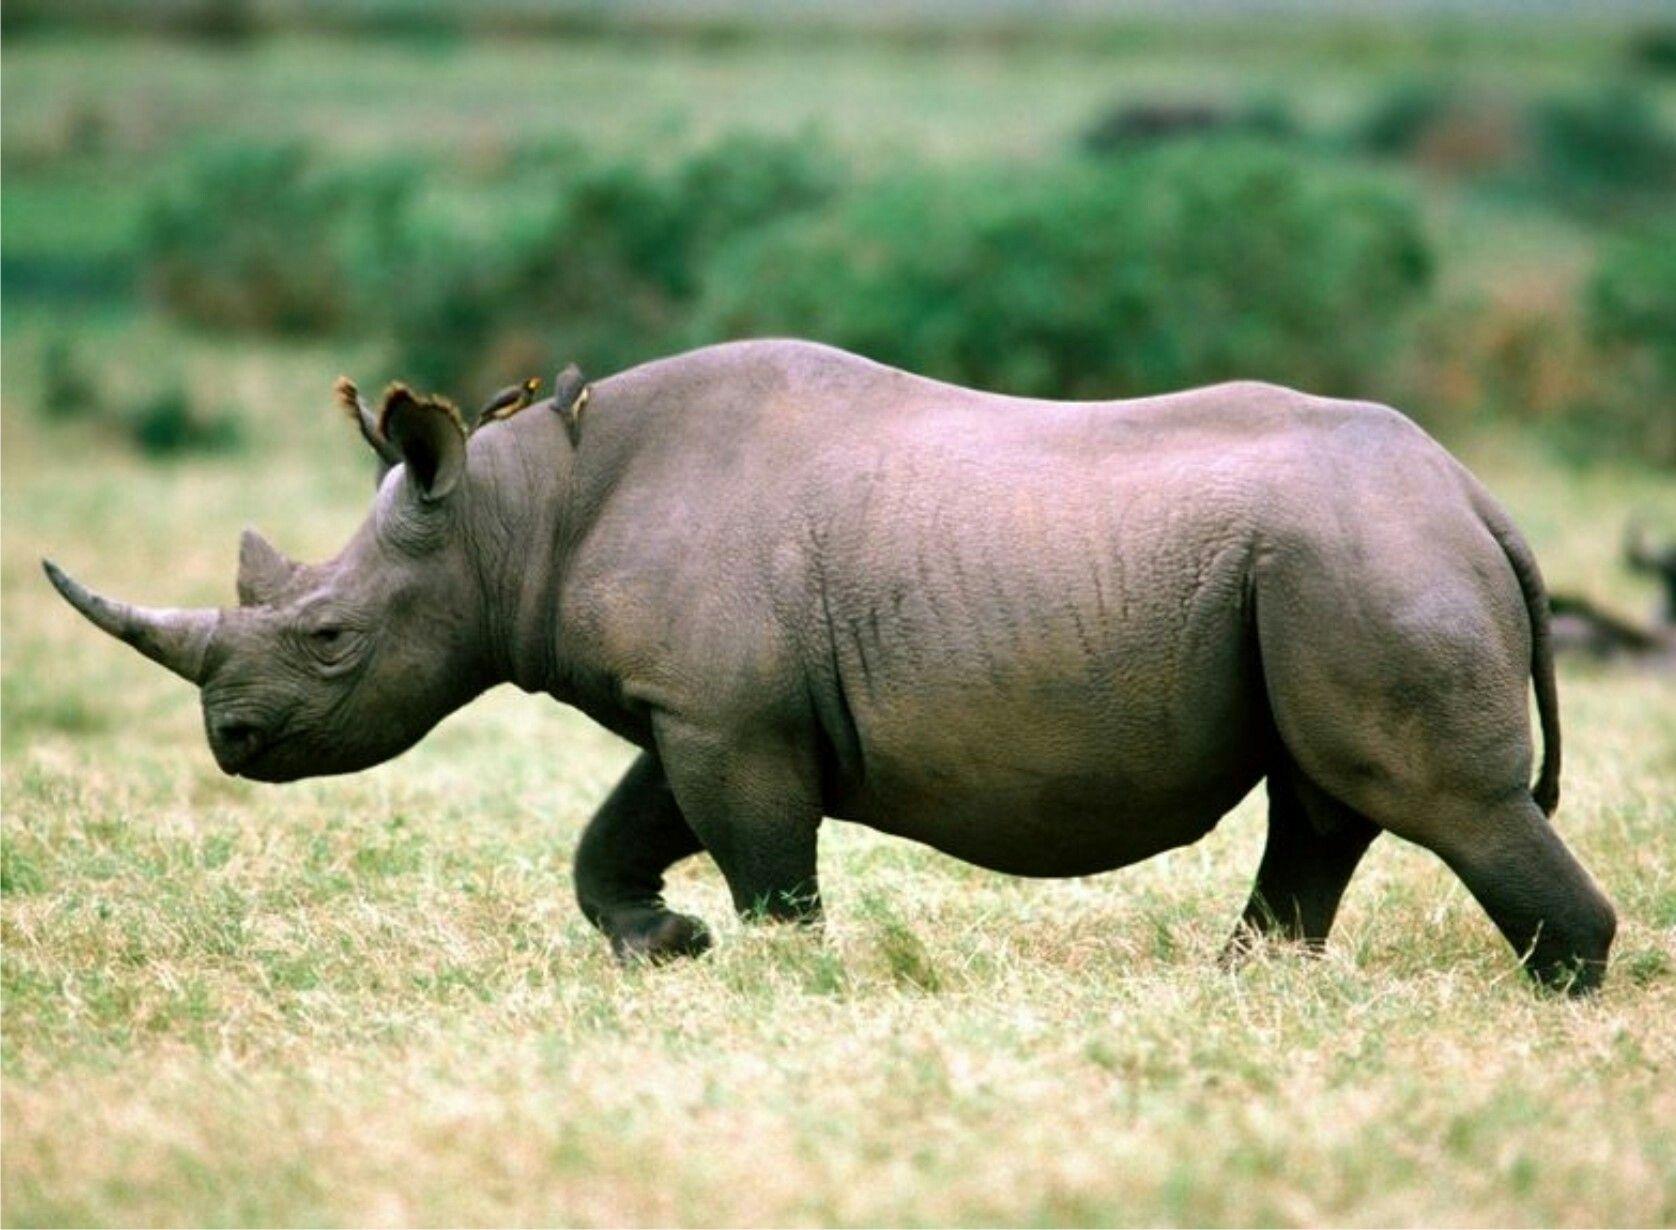 Unde locuiește rinocerul. Unde trăiește rinocerul - un om inofensiv de turtă dulce javaneză